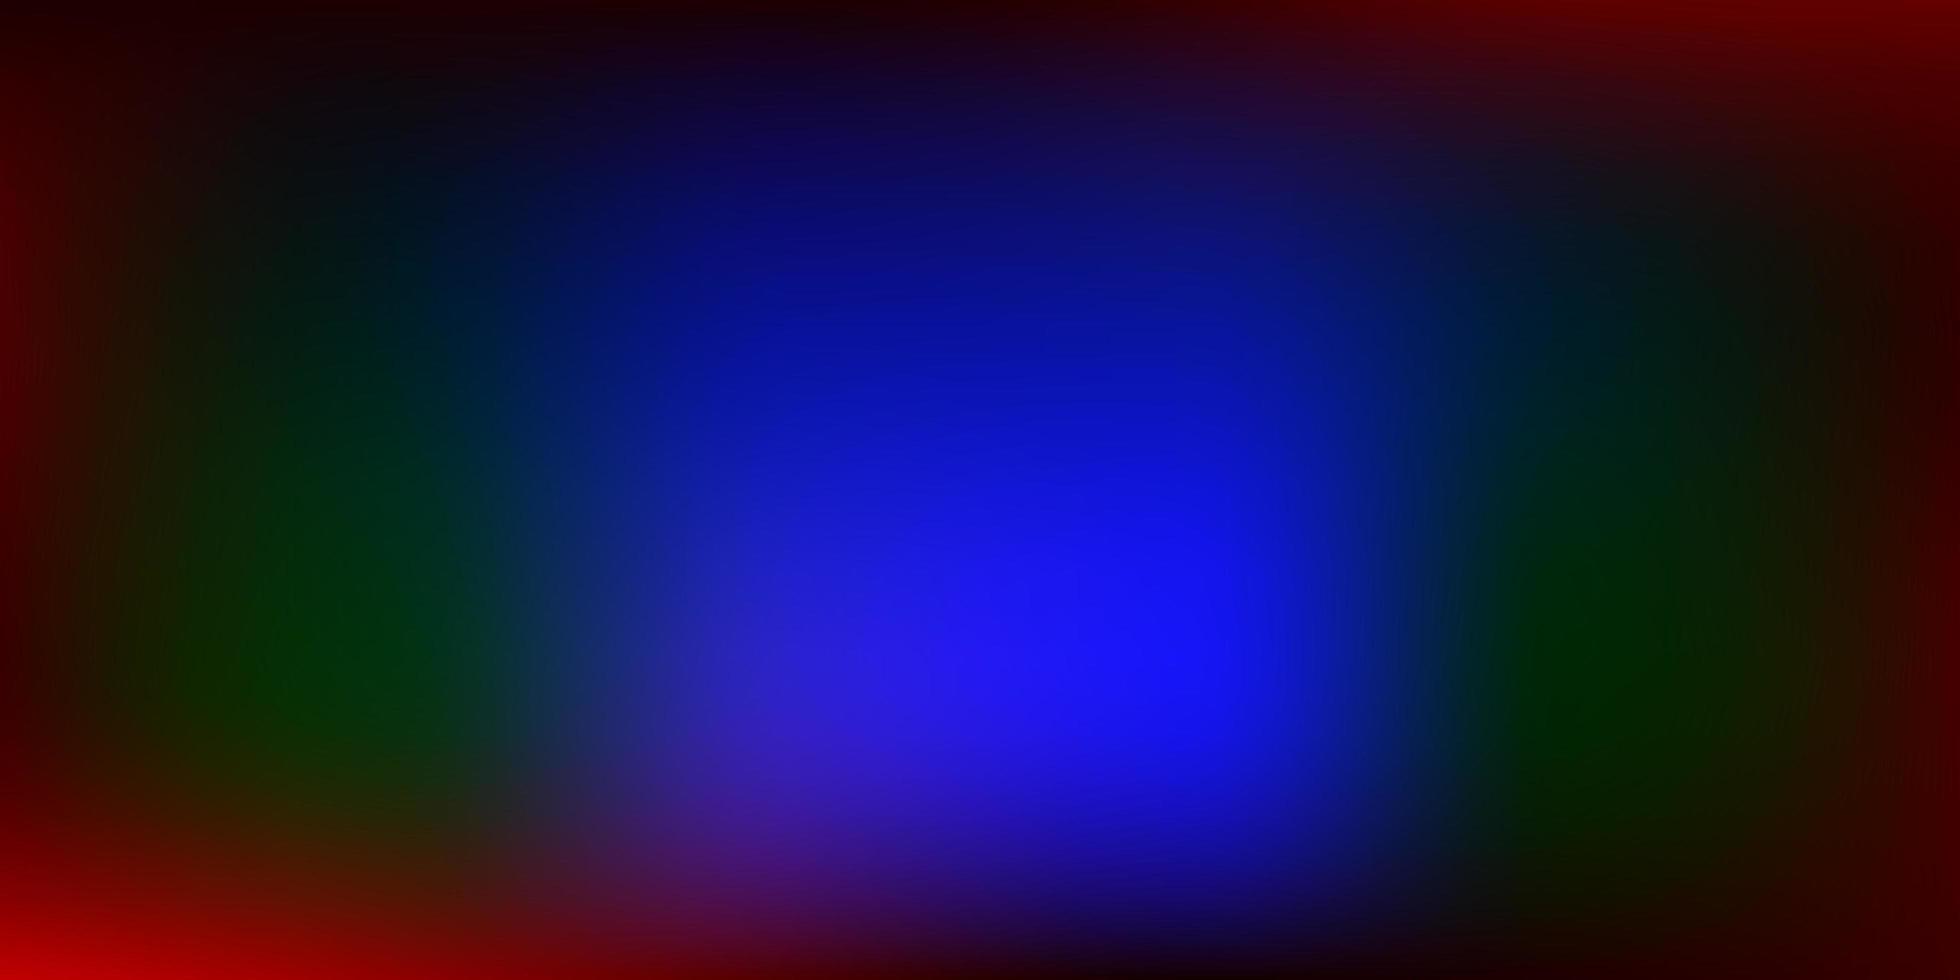 arrière-plan flou vecteur multicolore sombre.